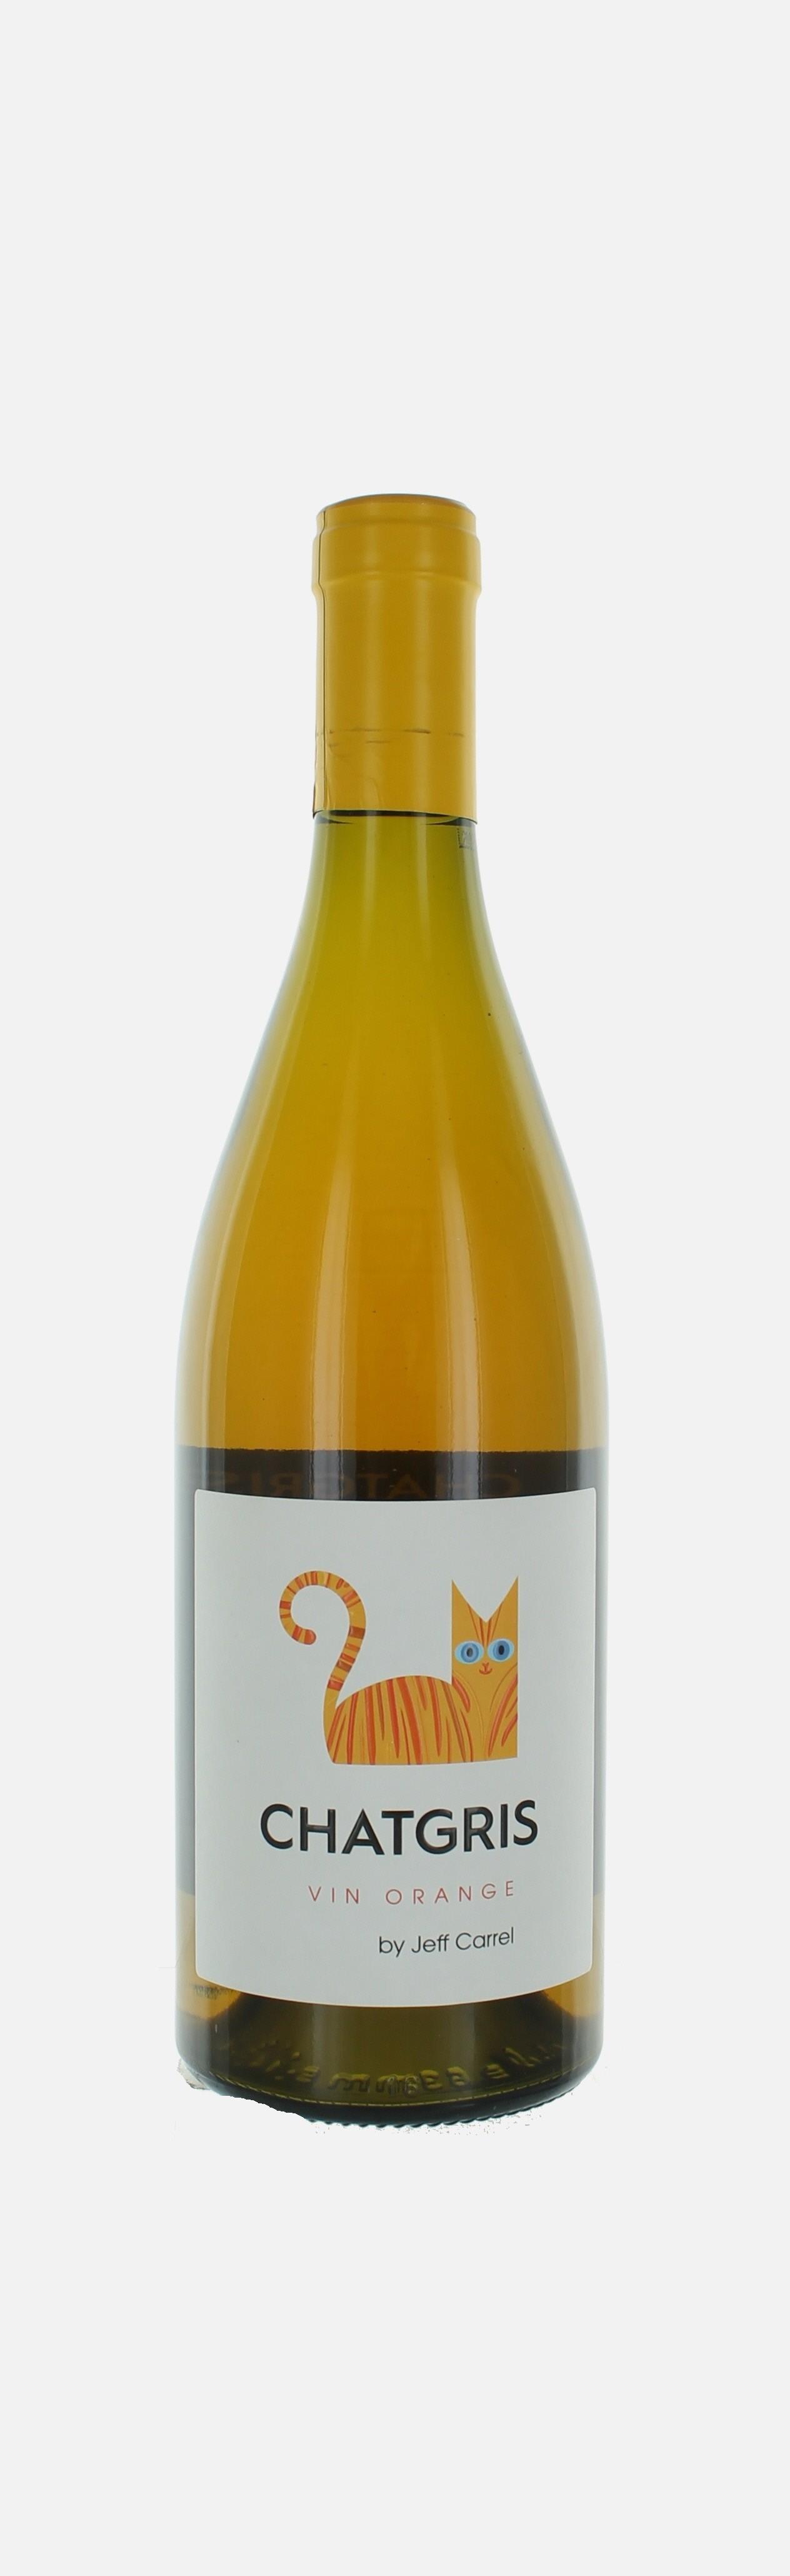 Chat Gris, Vin de France orange, Jeff Carrel